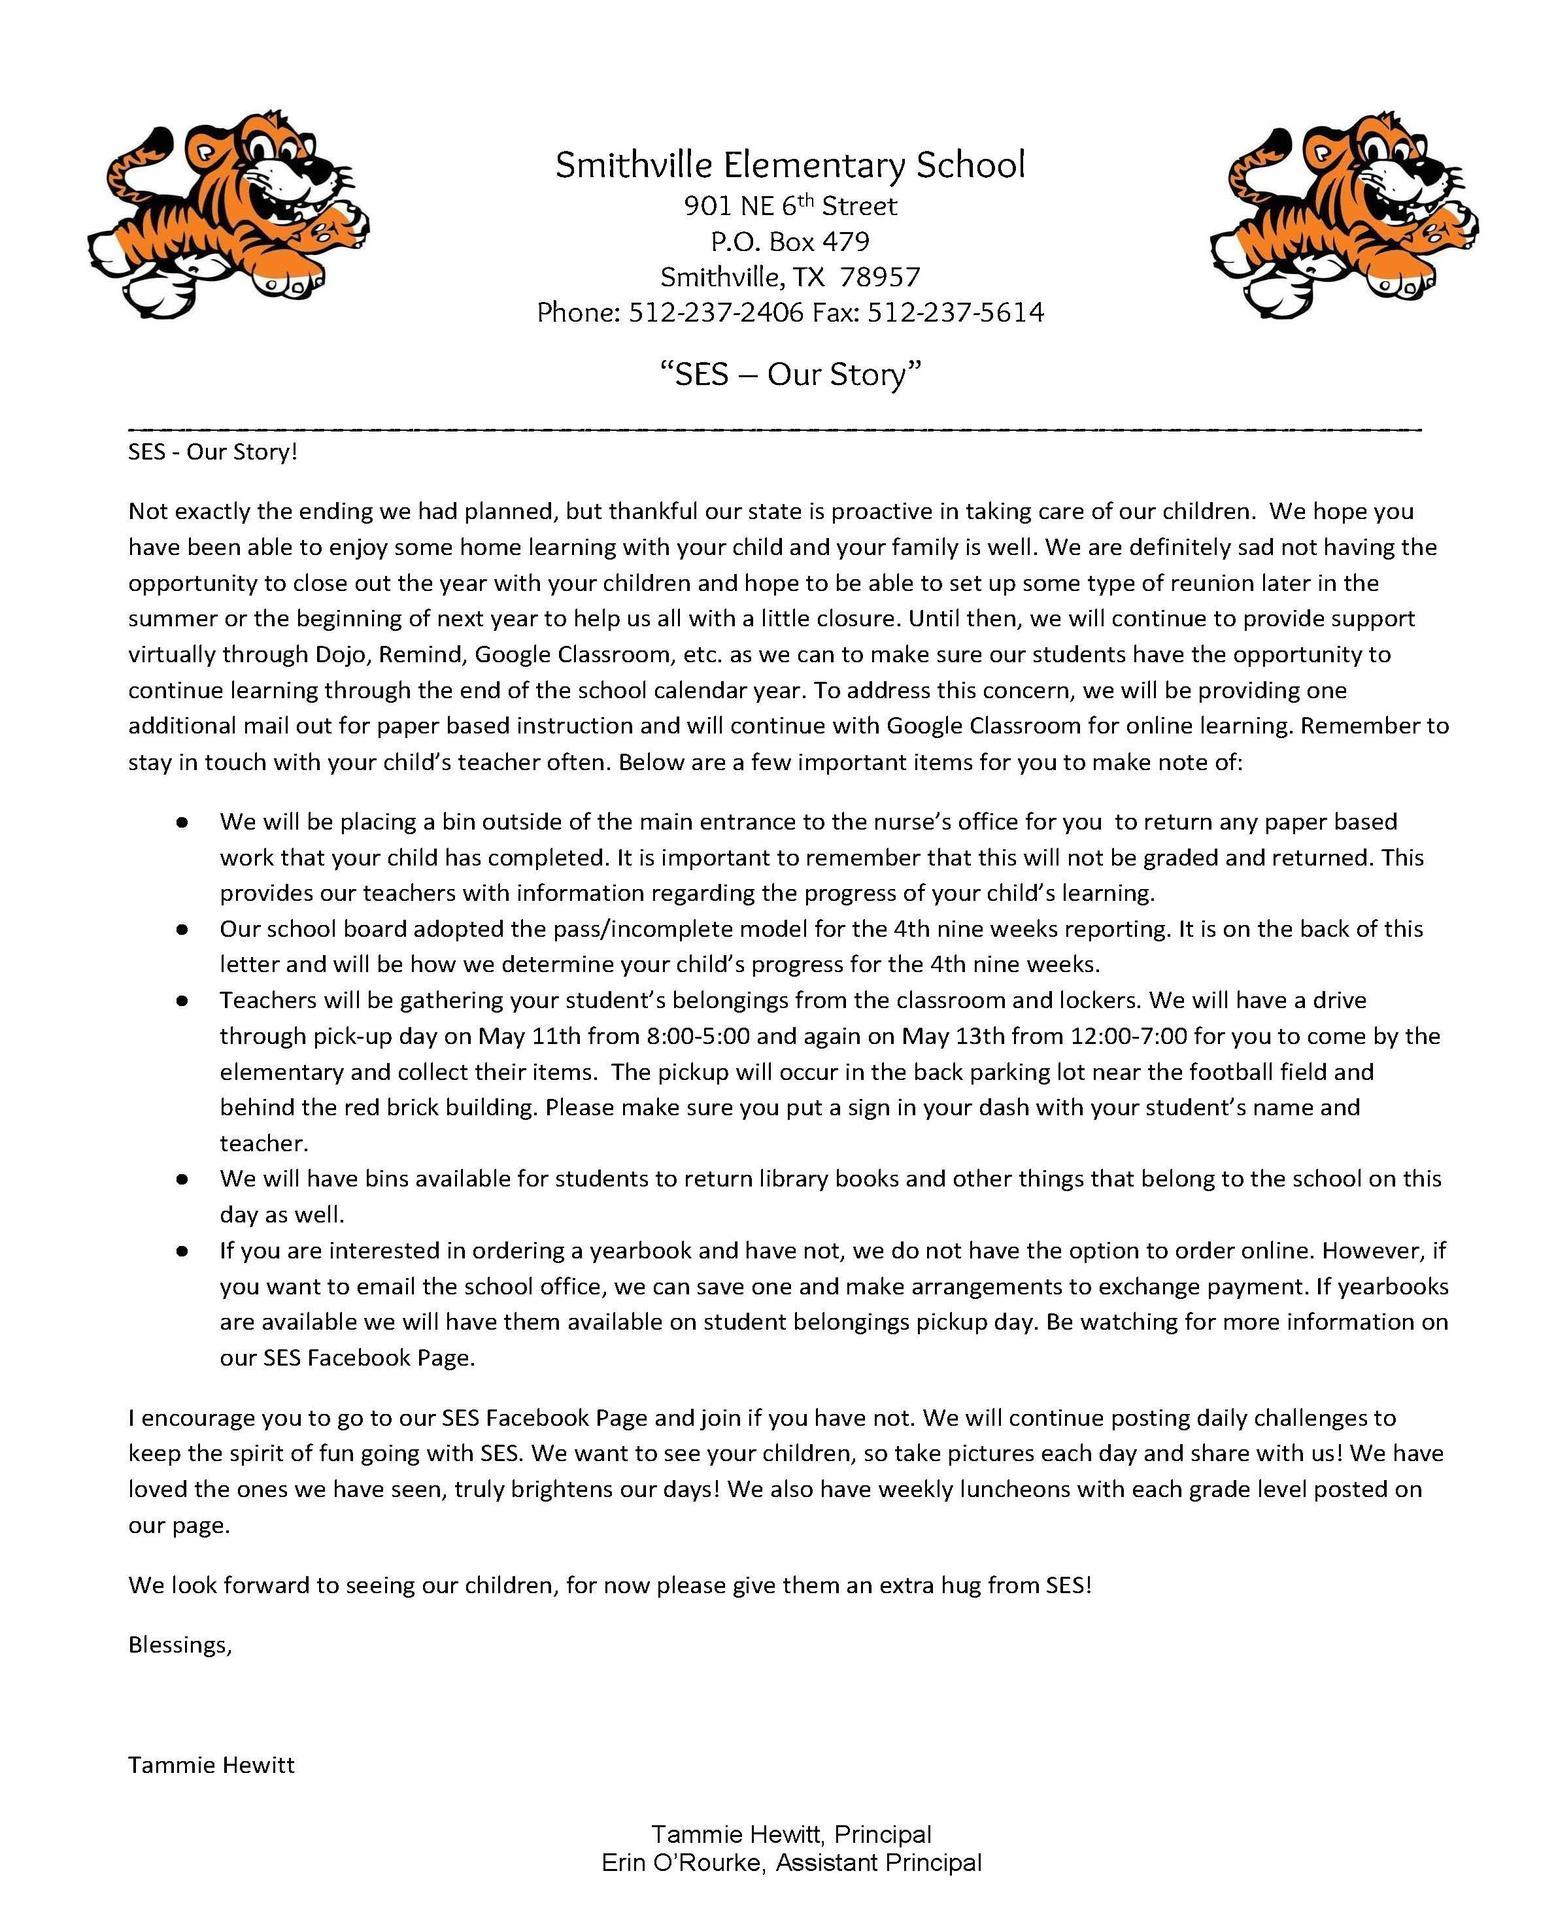 SES Parent Letter